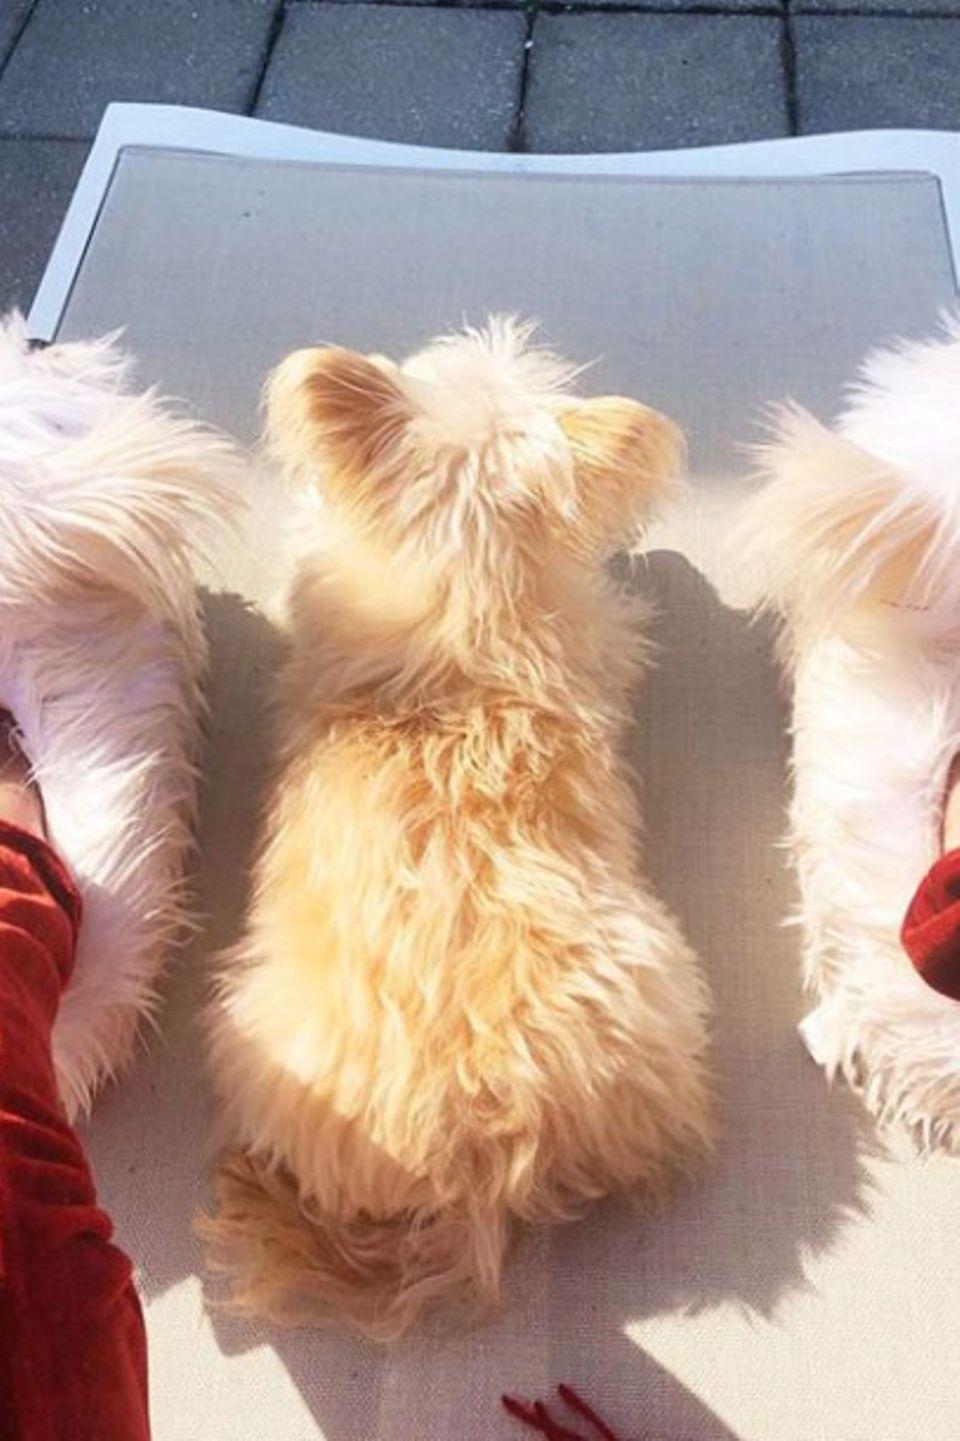 Zusammen ist man weniger allein. Schauspielerin Susan Sarandon sorgt dafür, dass sich ihre kleineFellnase in guter Gesellschaft befindet.